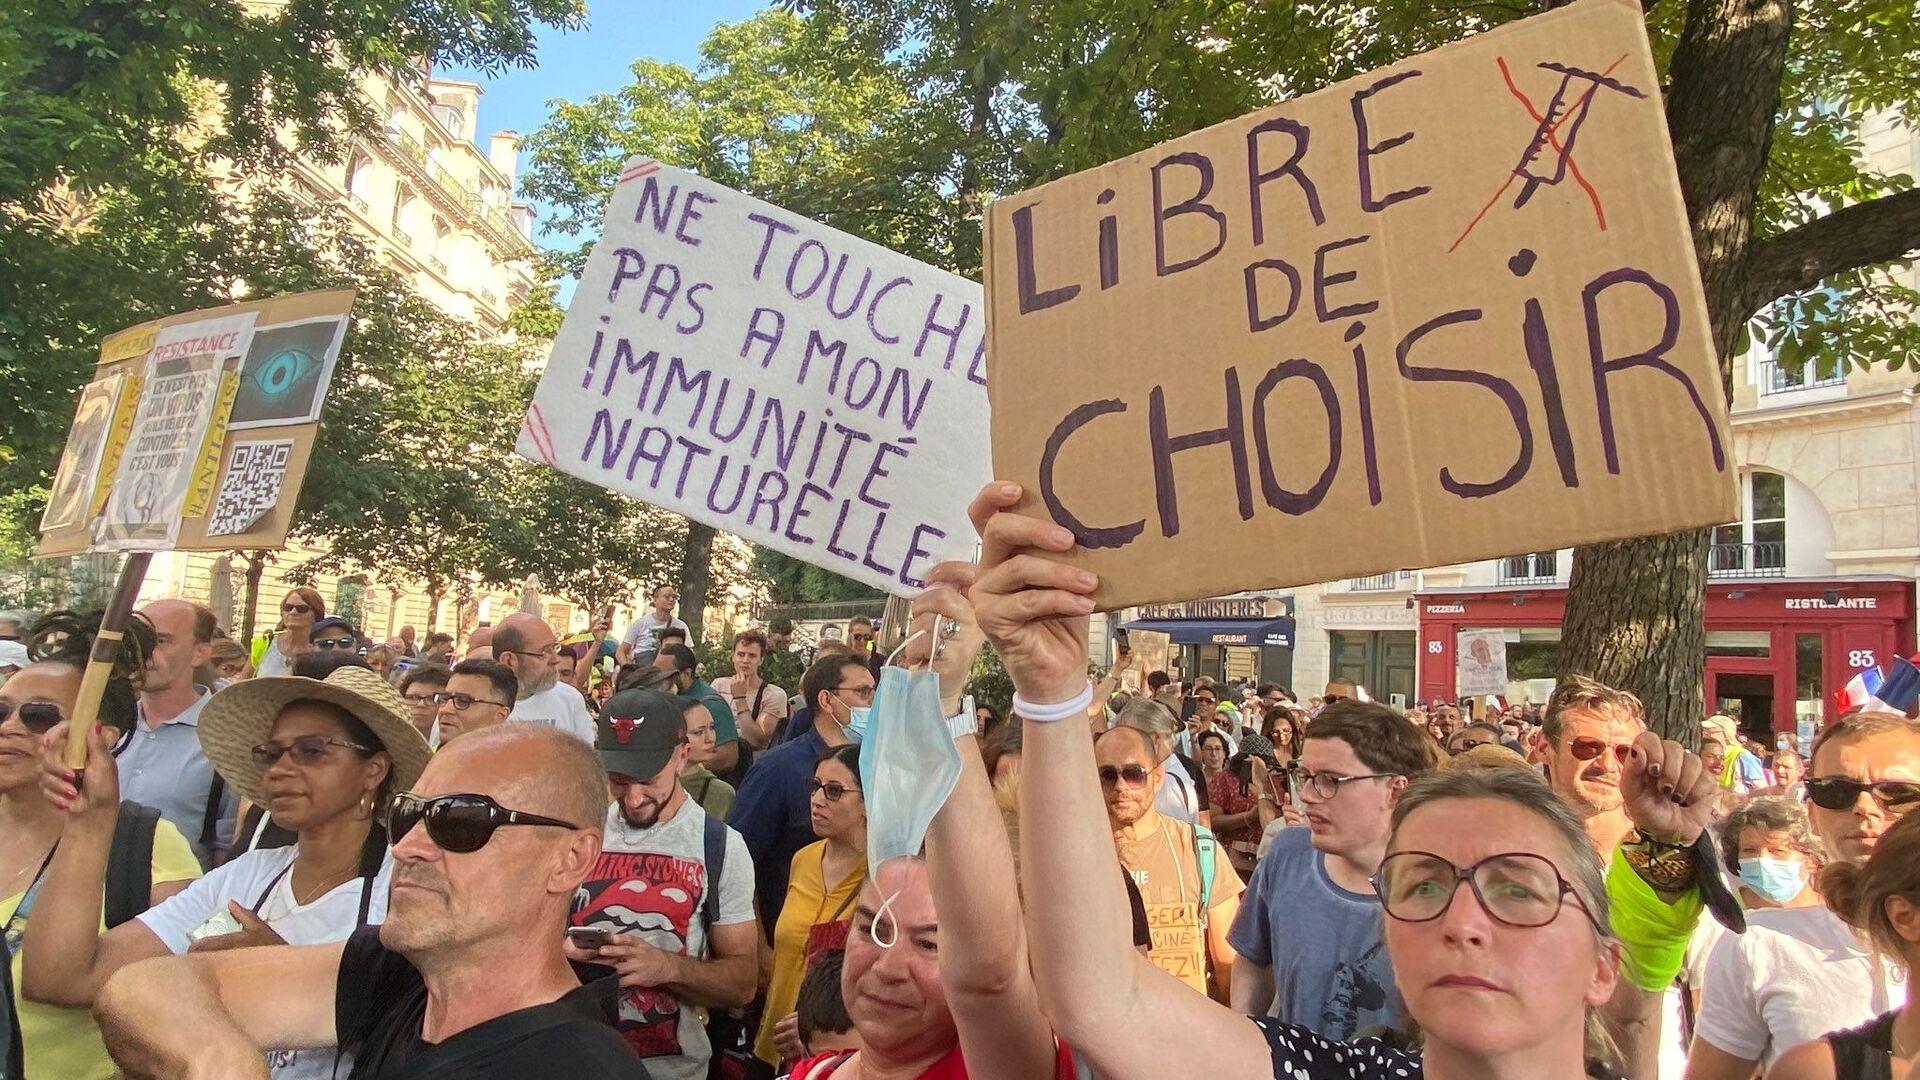 Manifestation contre le pass sanitaire et la vaccination obligatoire des soignants, 21 juillet 2021, Paris - Sputnik France, 1920, 03.08.2021